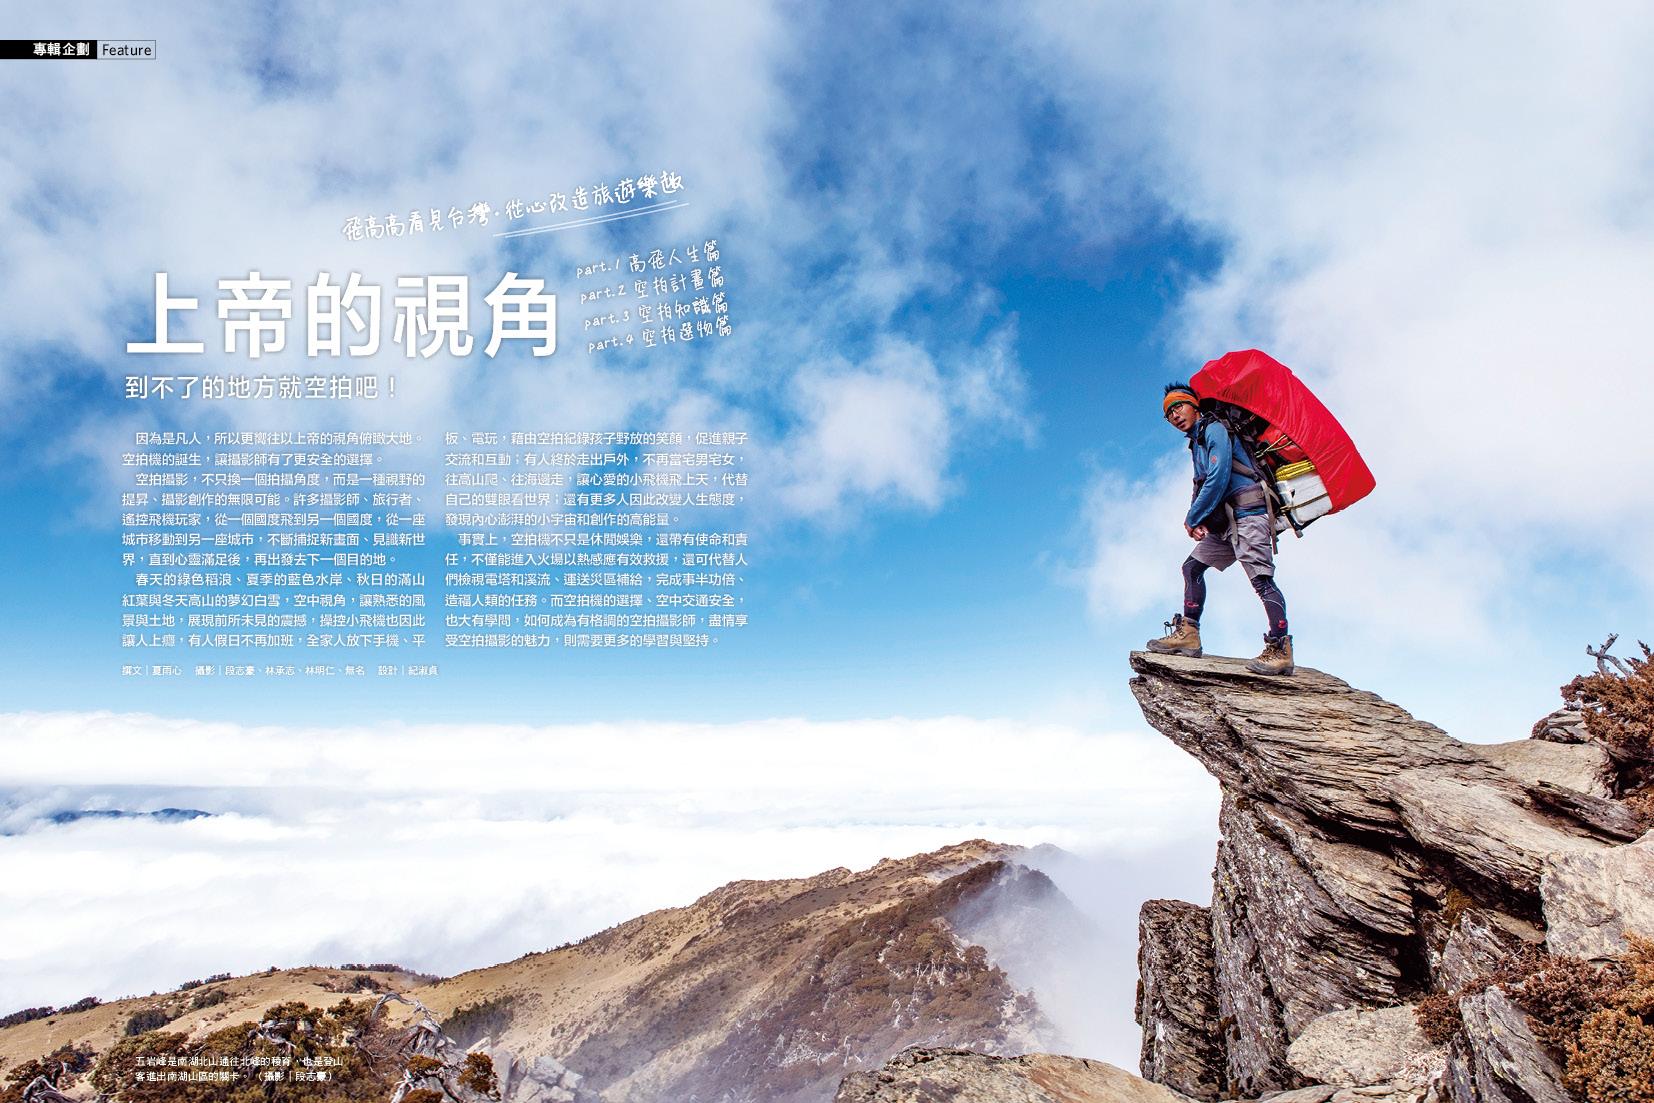 行遍天下,306期,上帝的視角,空拍,看見百岳